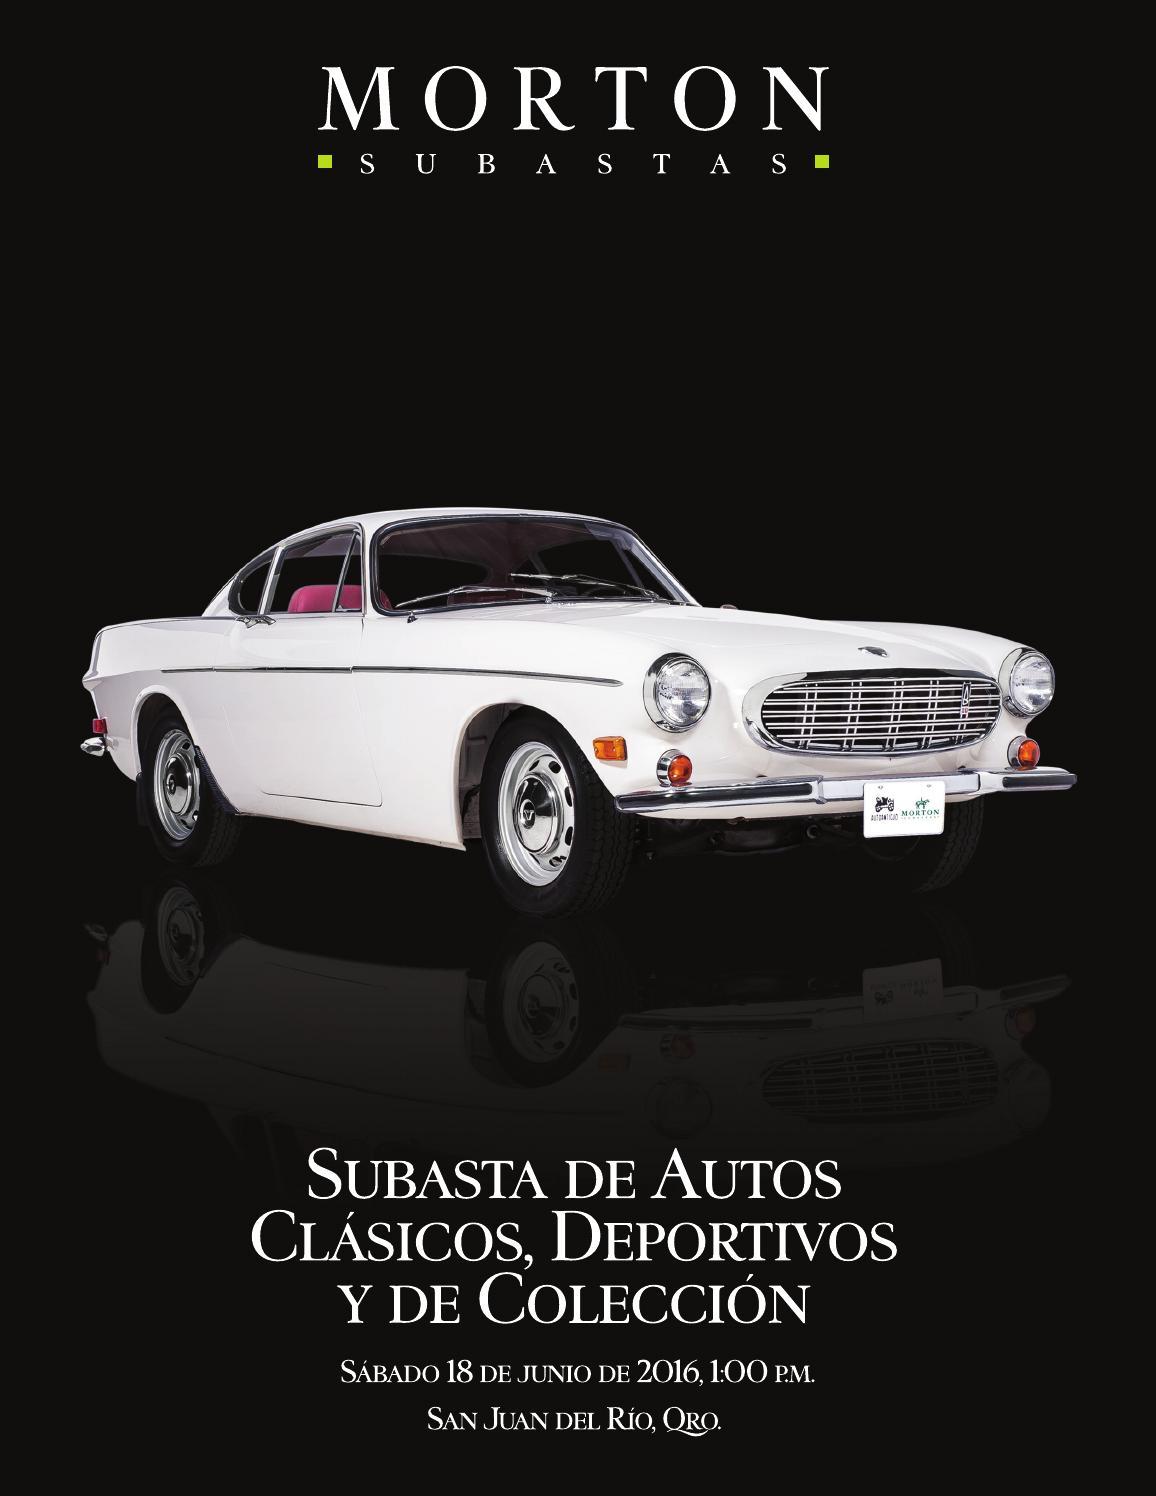 Subasta de Autos Clásicos y Deportivos by Morton Subastas - issuu